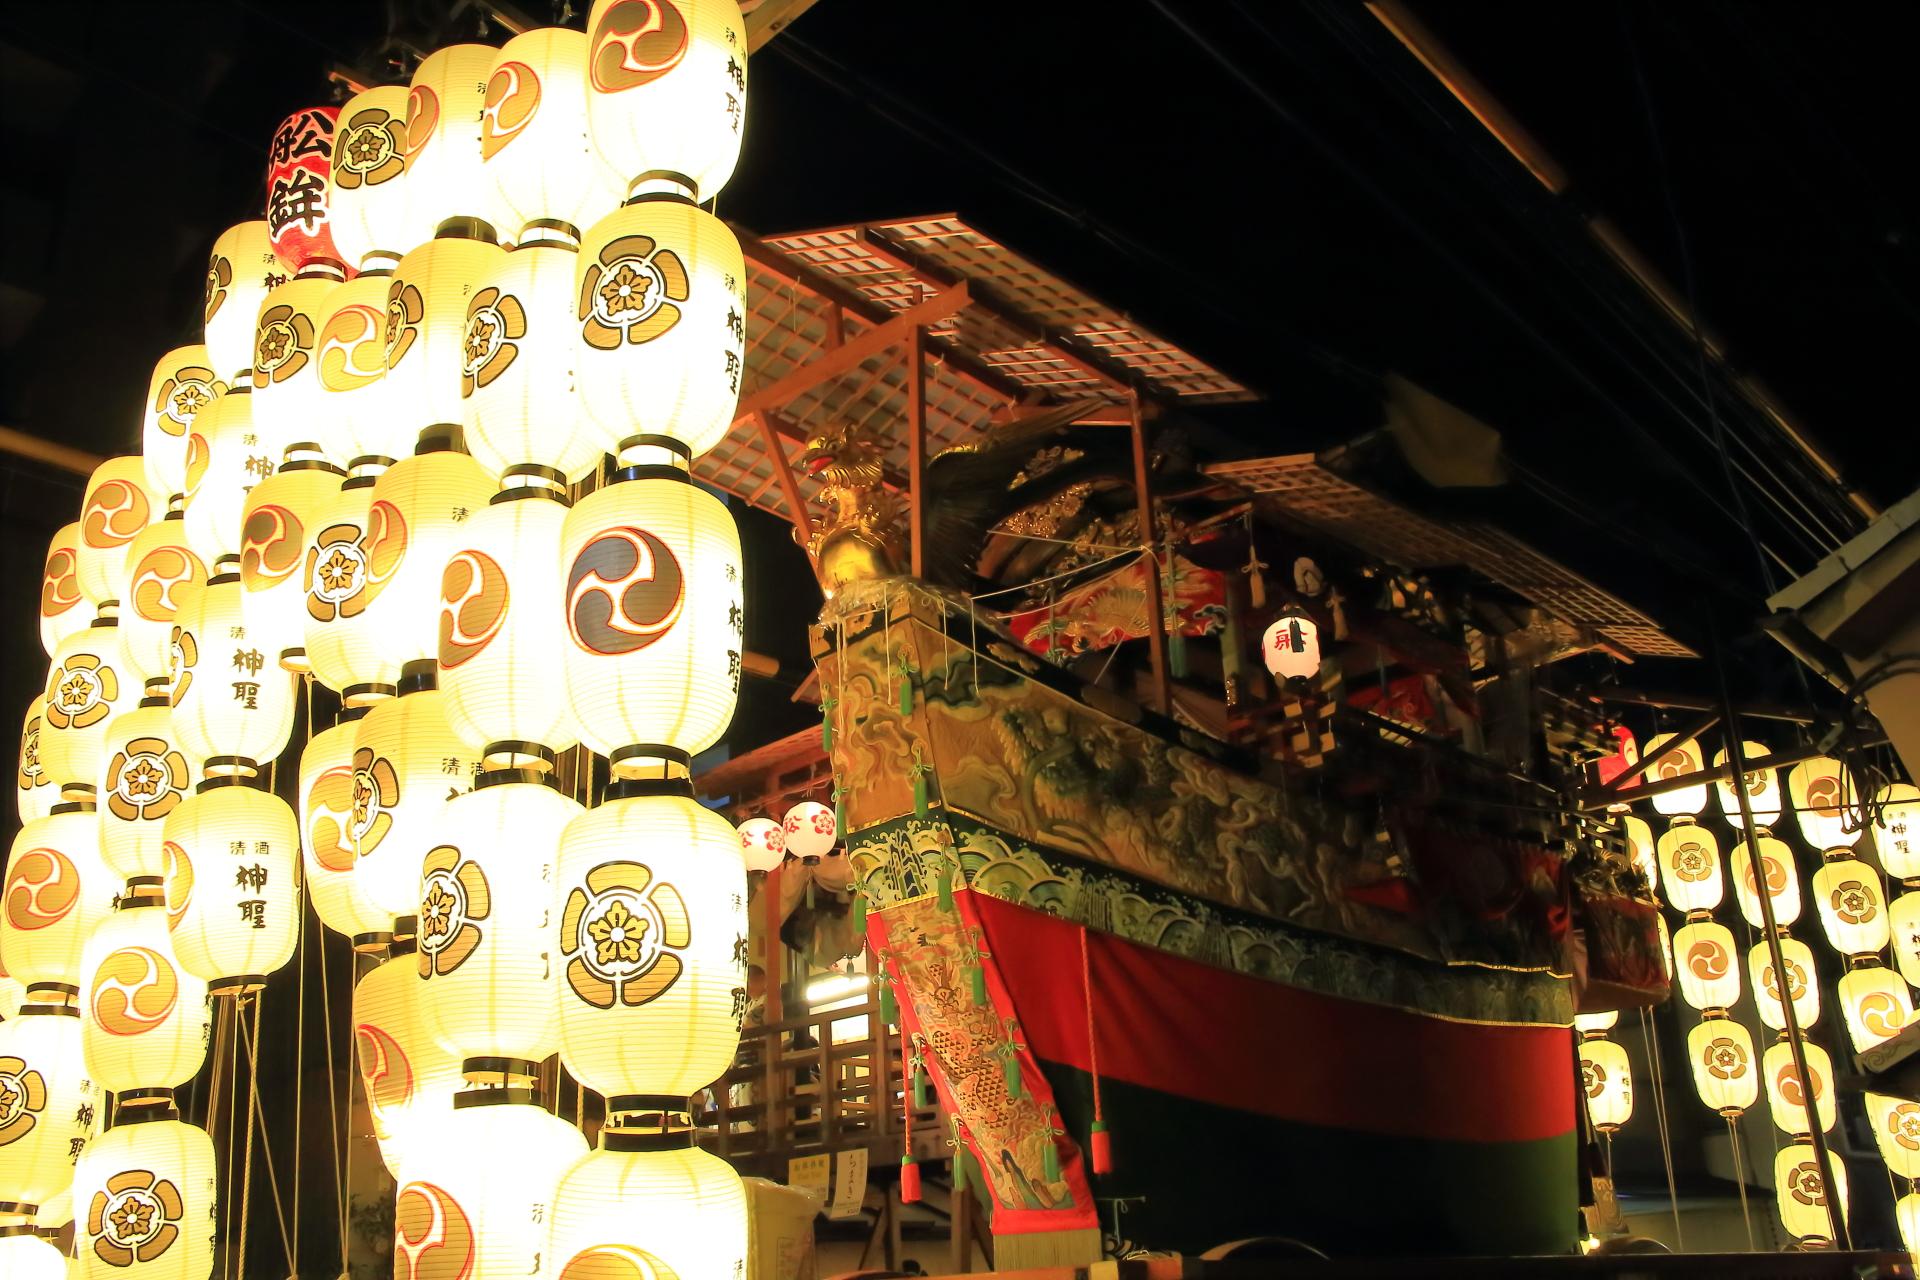 宵山 祇園祭 夏の夜を彩る山鉾と駒方提灯